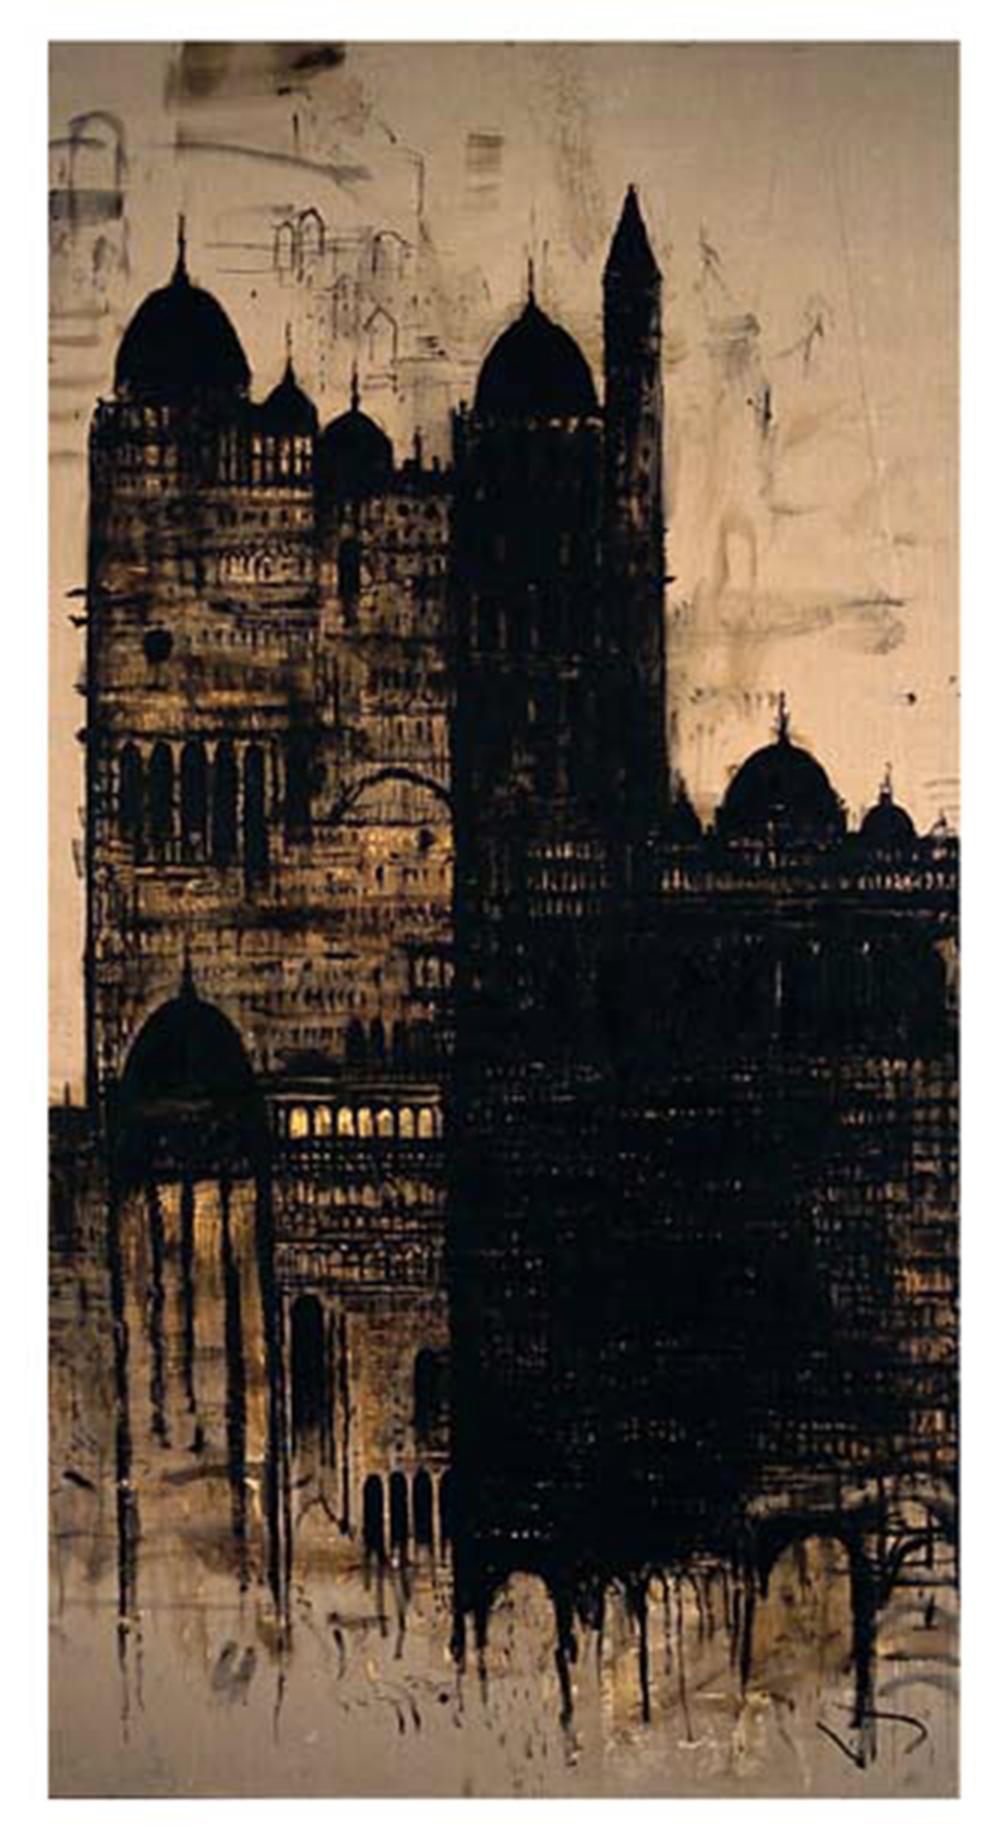 Cattedrale, 2004, olio su tela, cm 400x210 - Collez. Carisbo S. Giorgio in Poggiale, Bologna